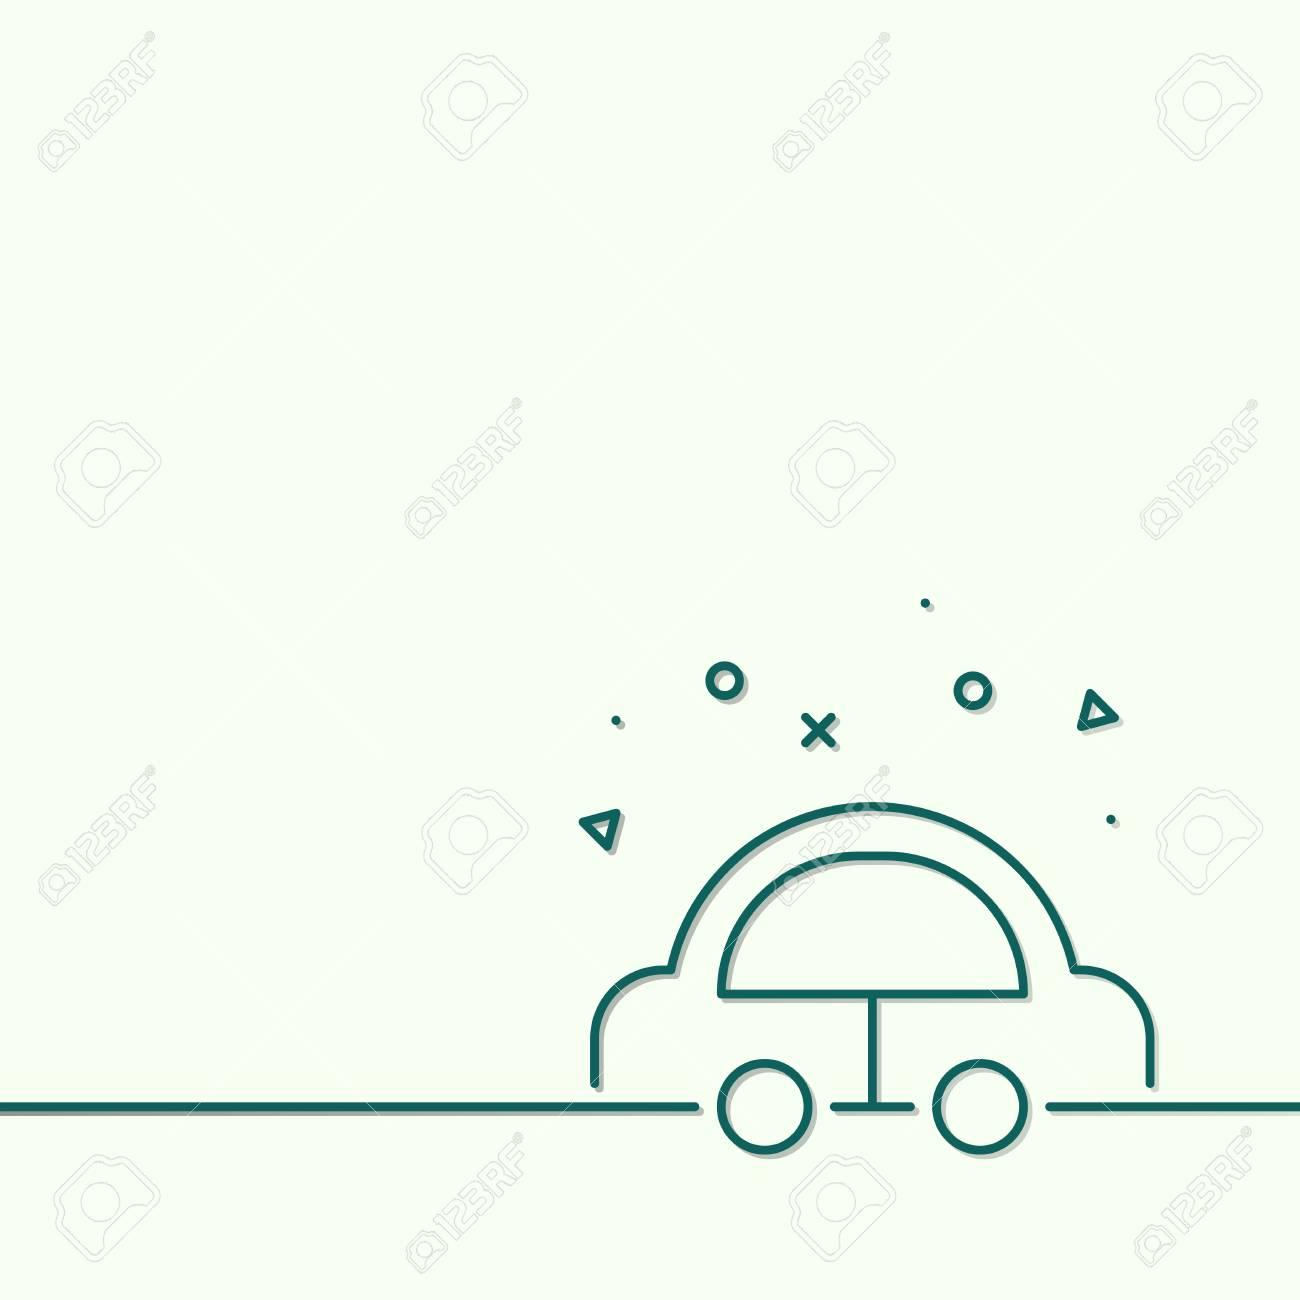 Drive an eco friendly hybrid car vector - 125971023